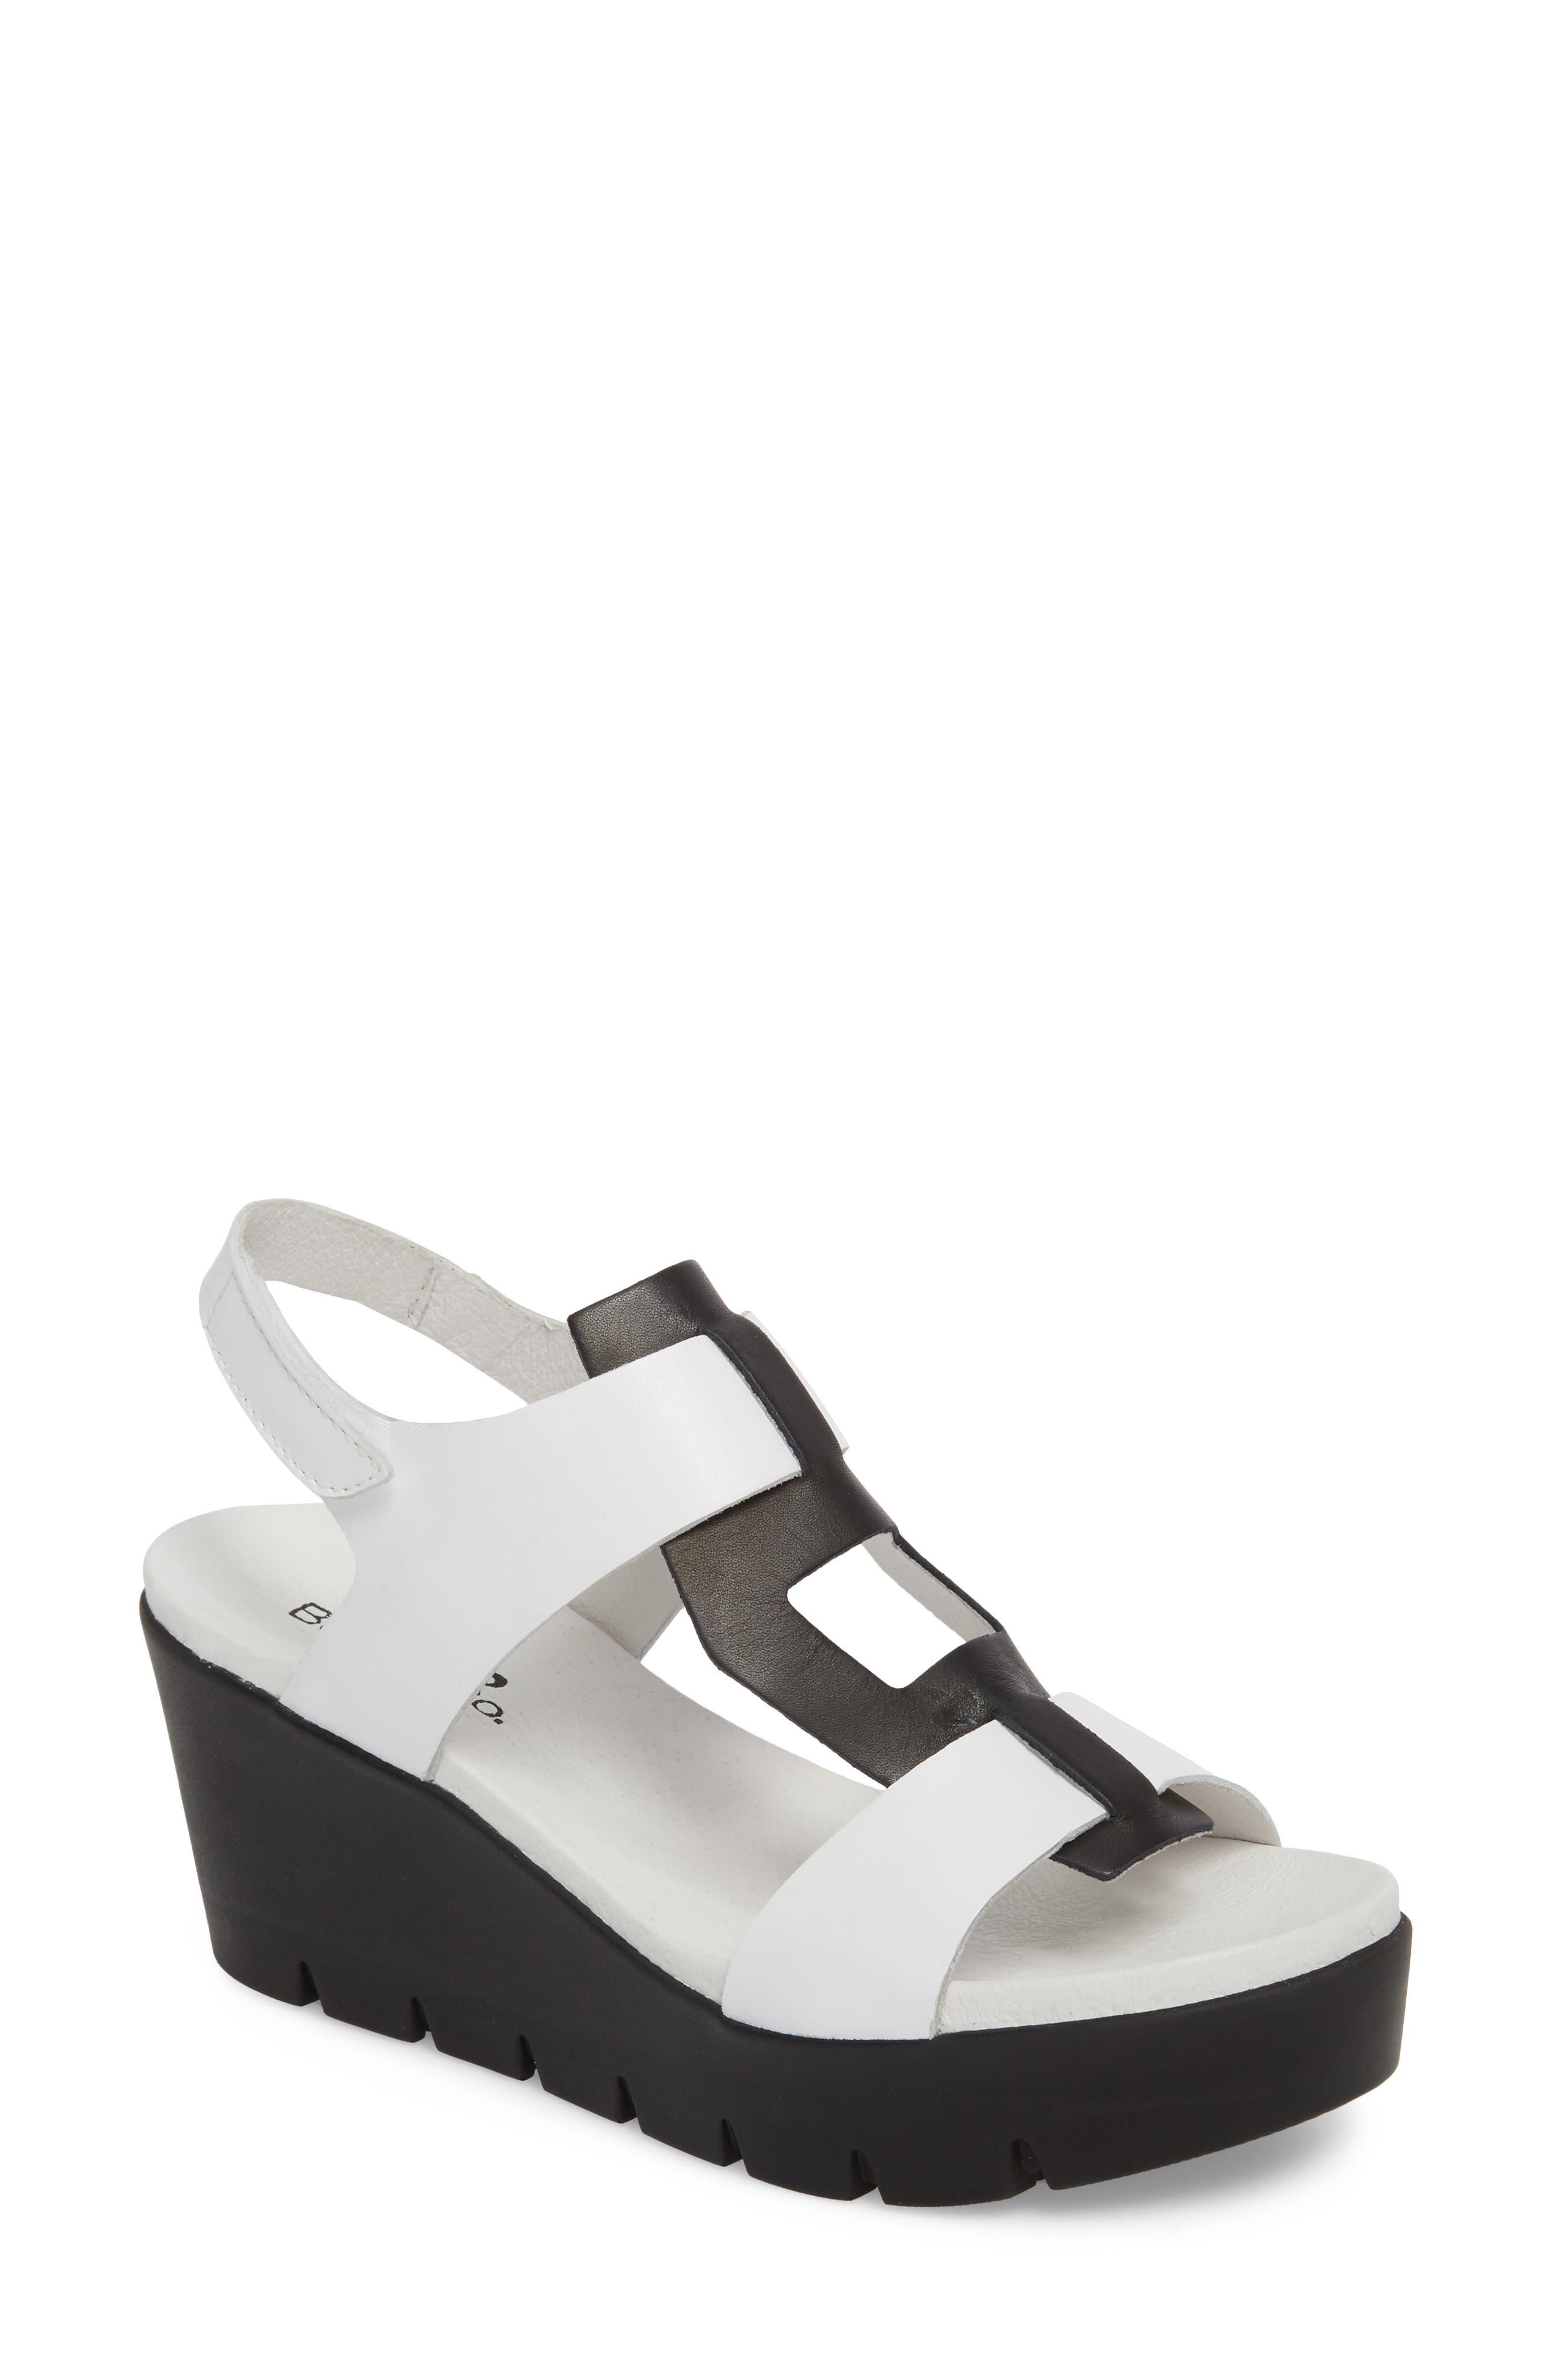 Bos. & Co. Somo Platform Wedge Sandal (Women)